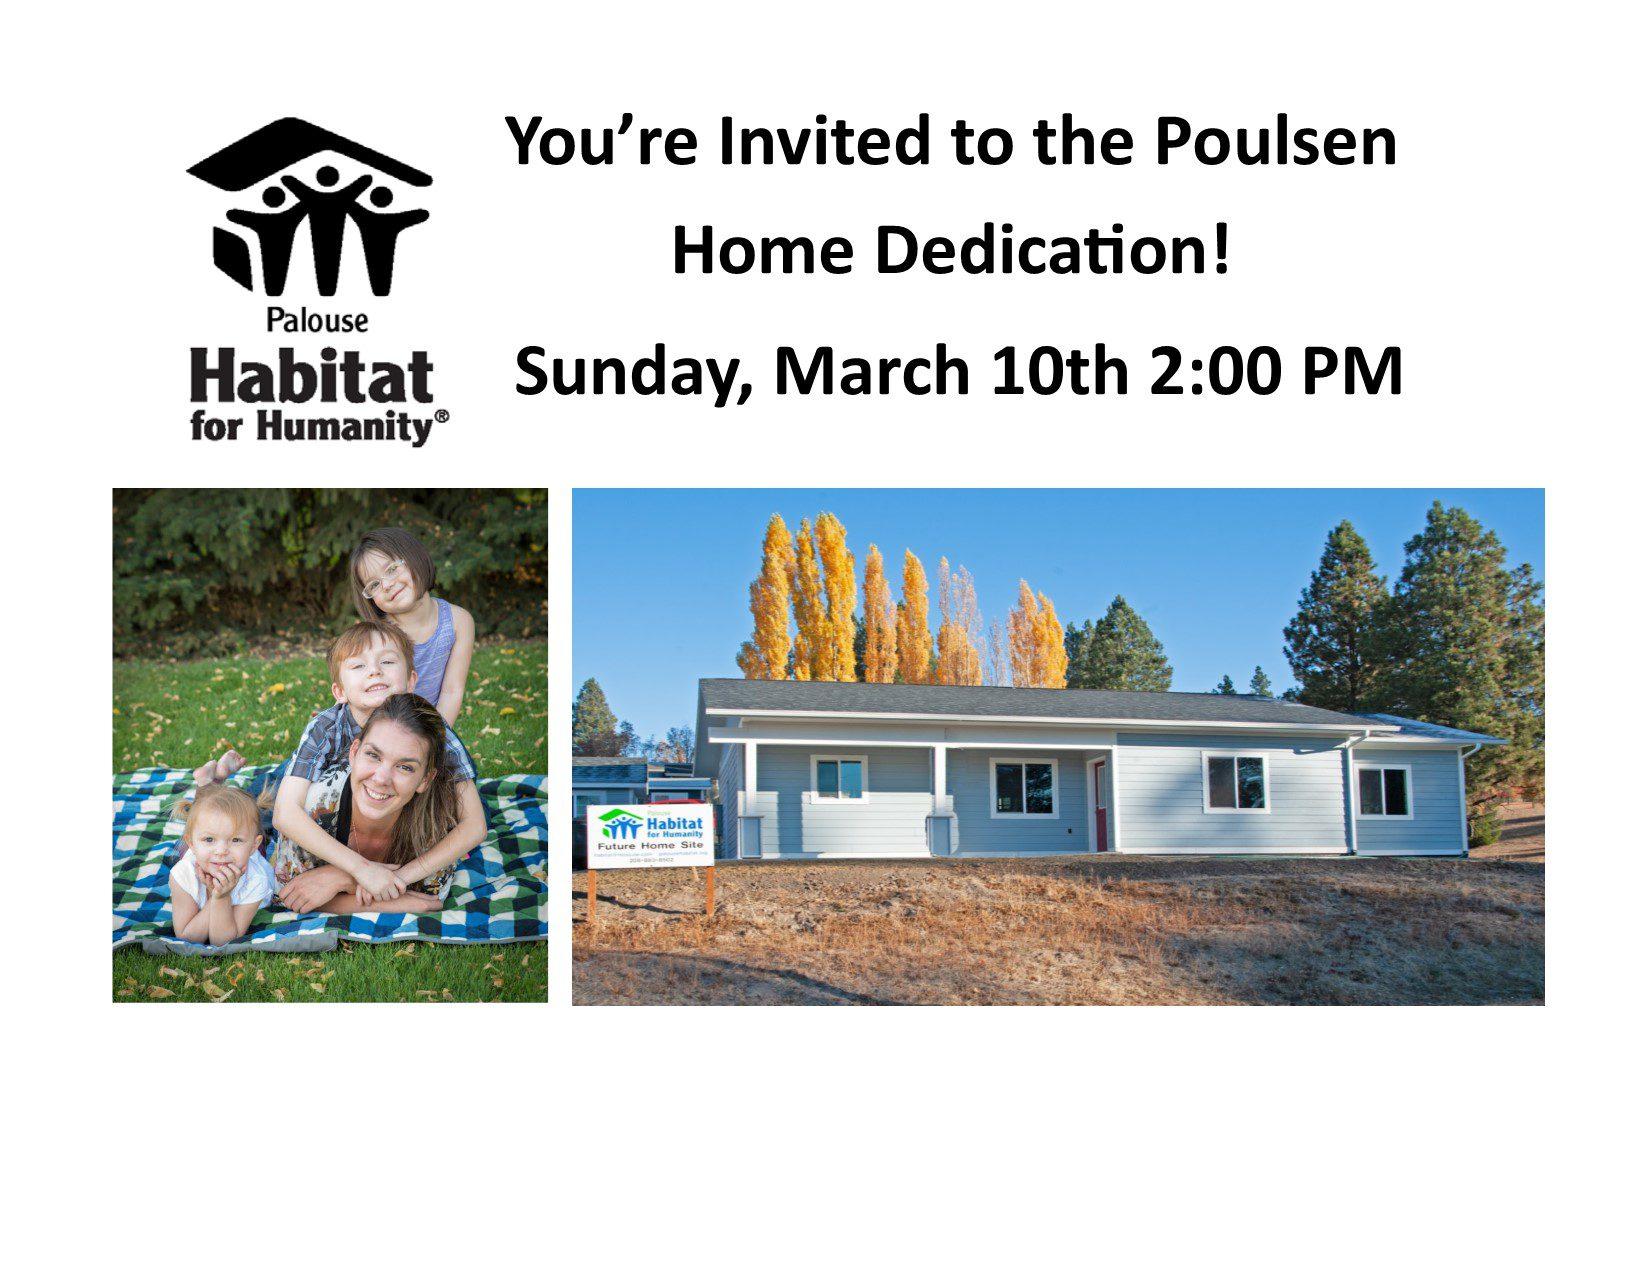 8x11 Poulsen Dedication invite for 2